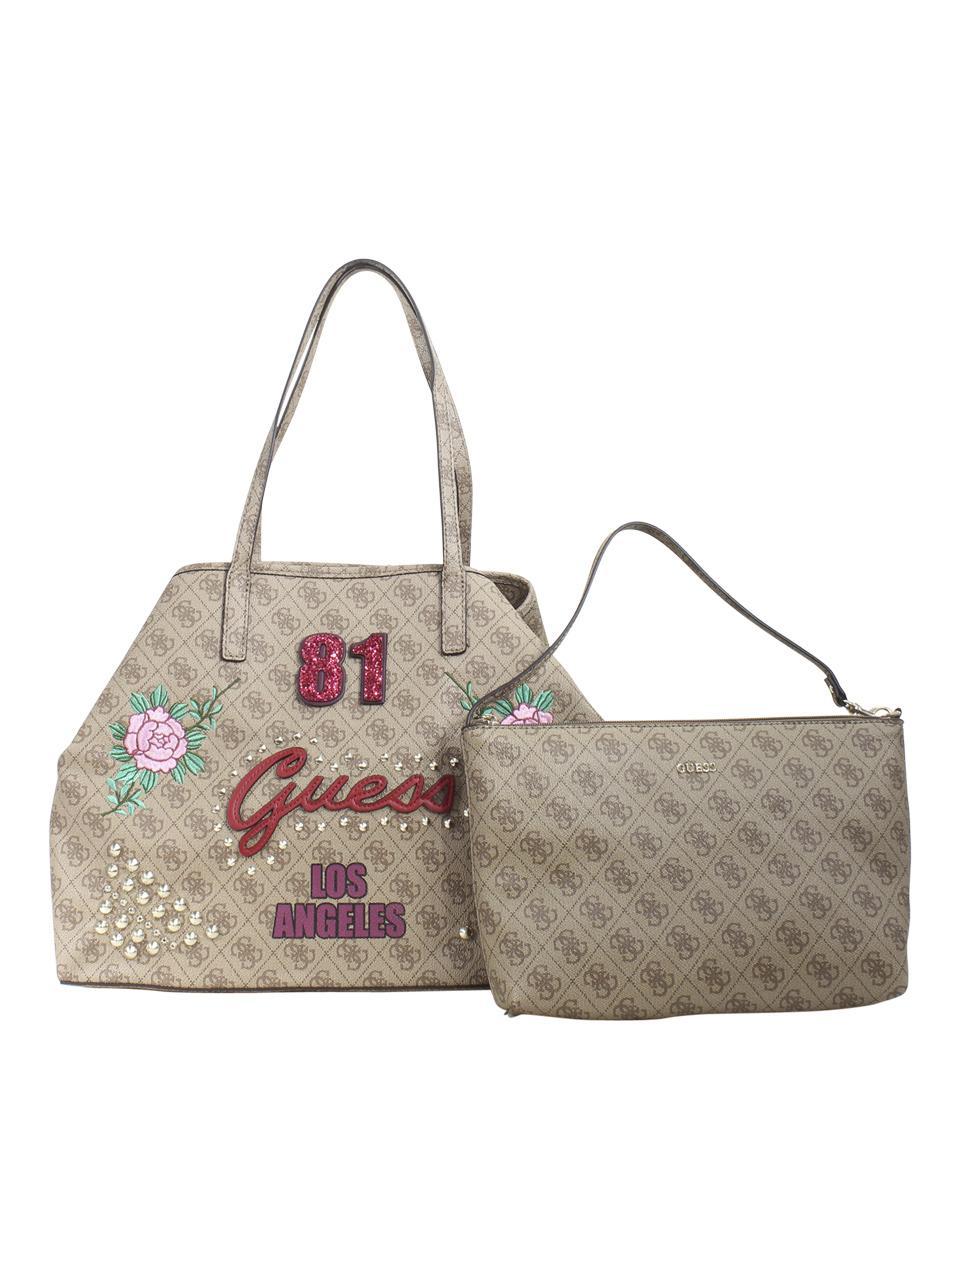 Guess Women's Vikky Large Tote Handbag Set